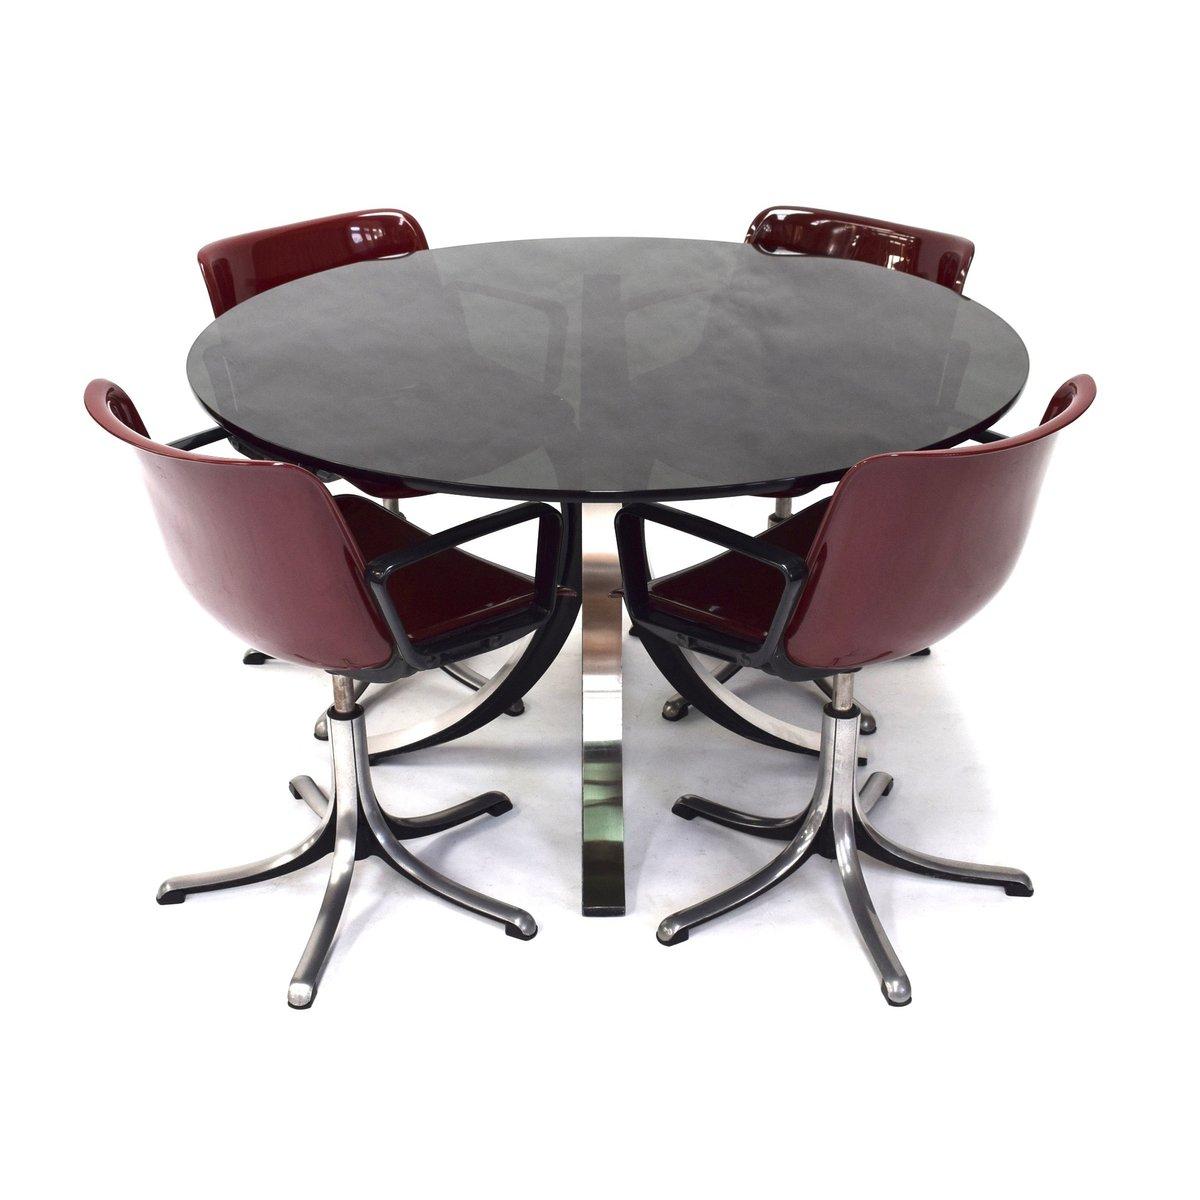 T69 Esstisch & Stühle von Osvaldo Borsani für Tecno Dining Set, 1964